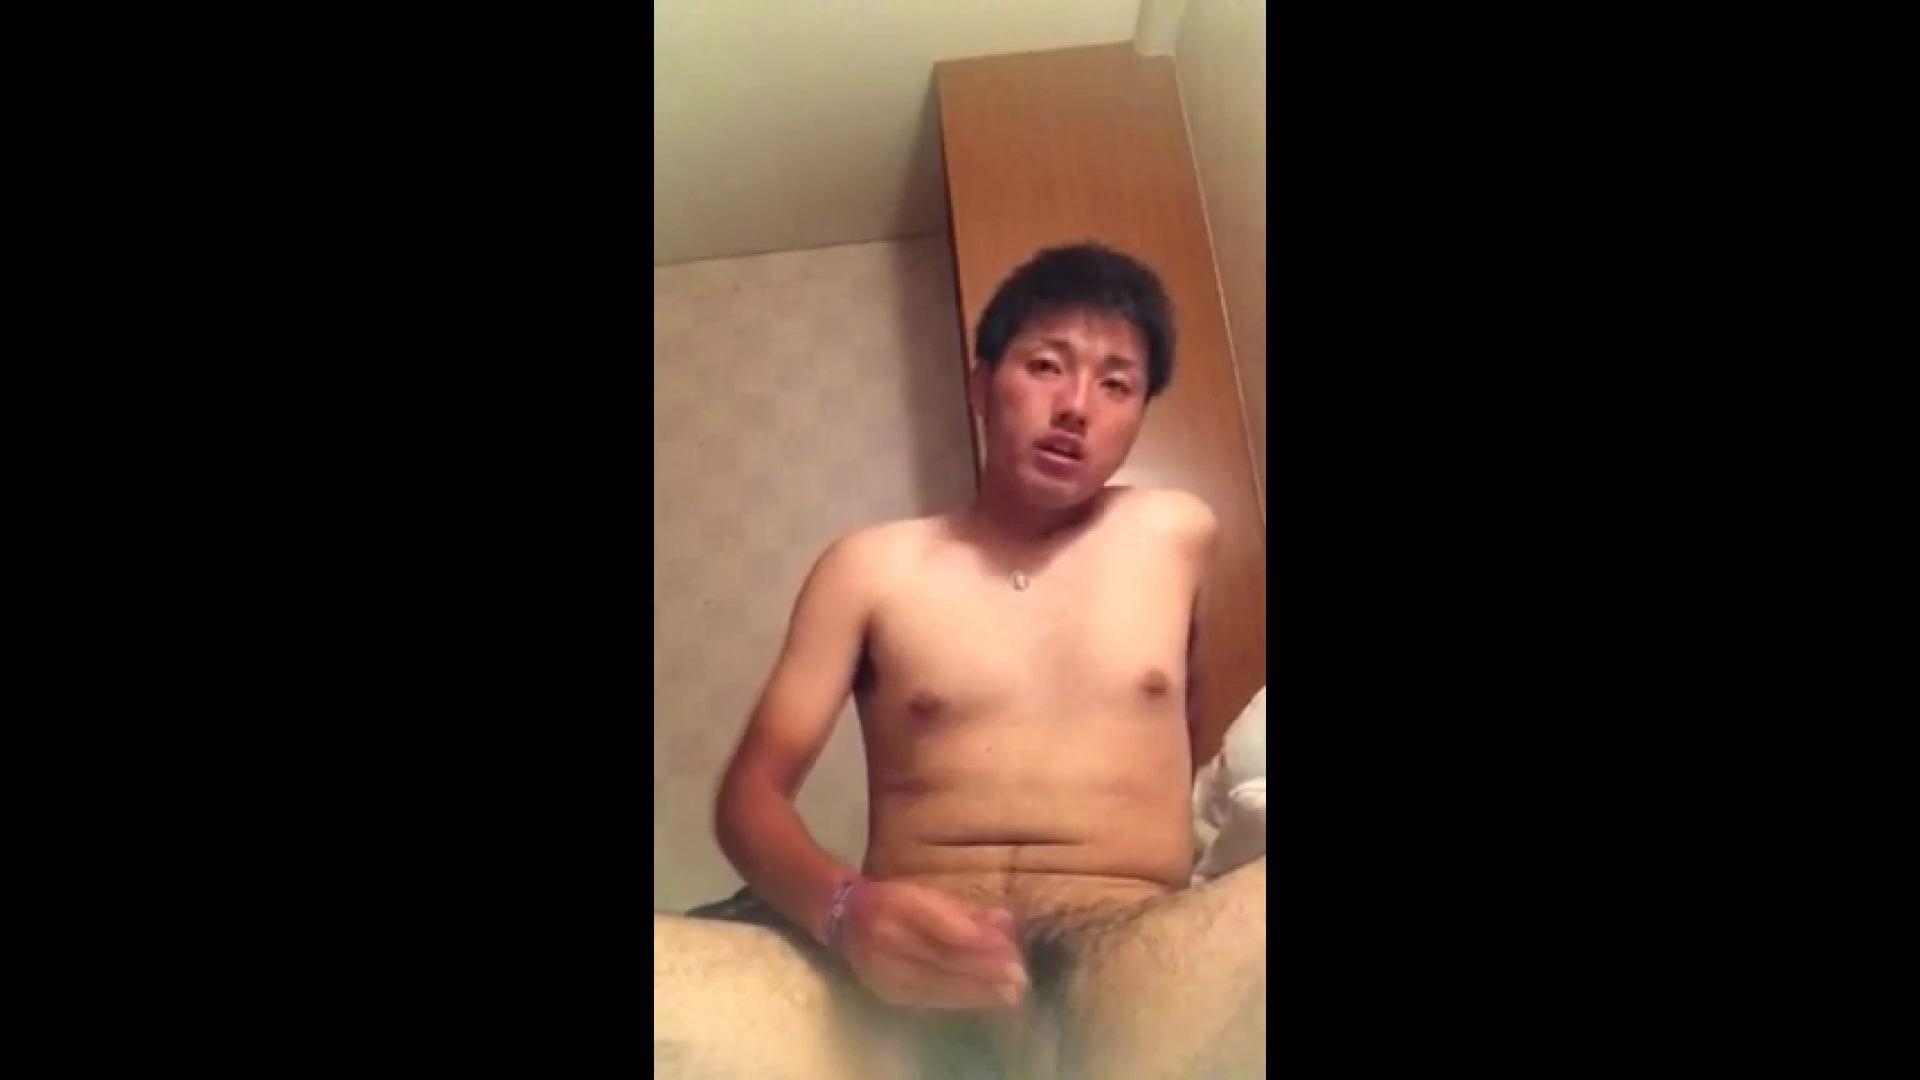 キター!ノンケちゃんオナニー特集vol.29 ノンケ天国 ゲイアダルト画像 107pic 28